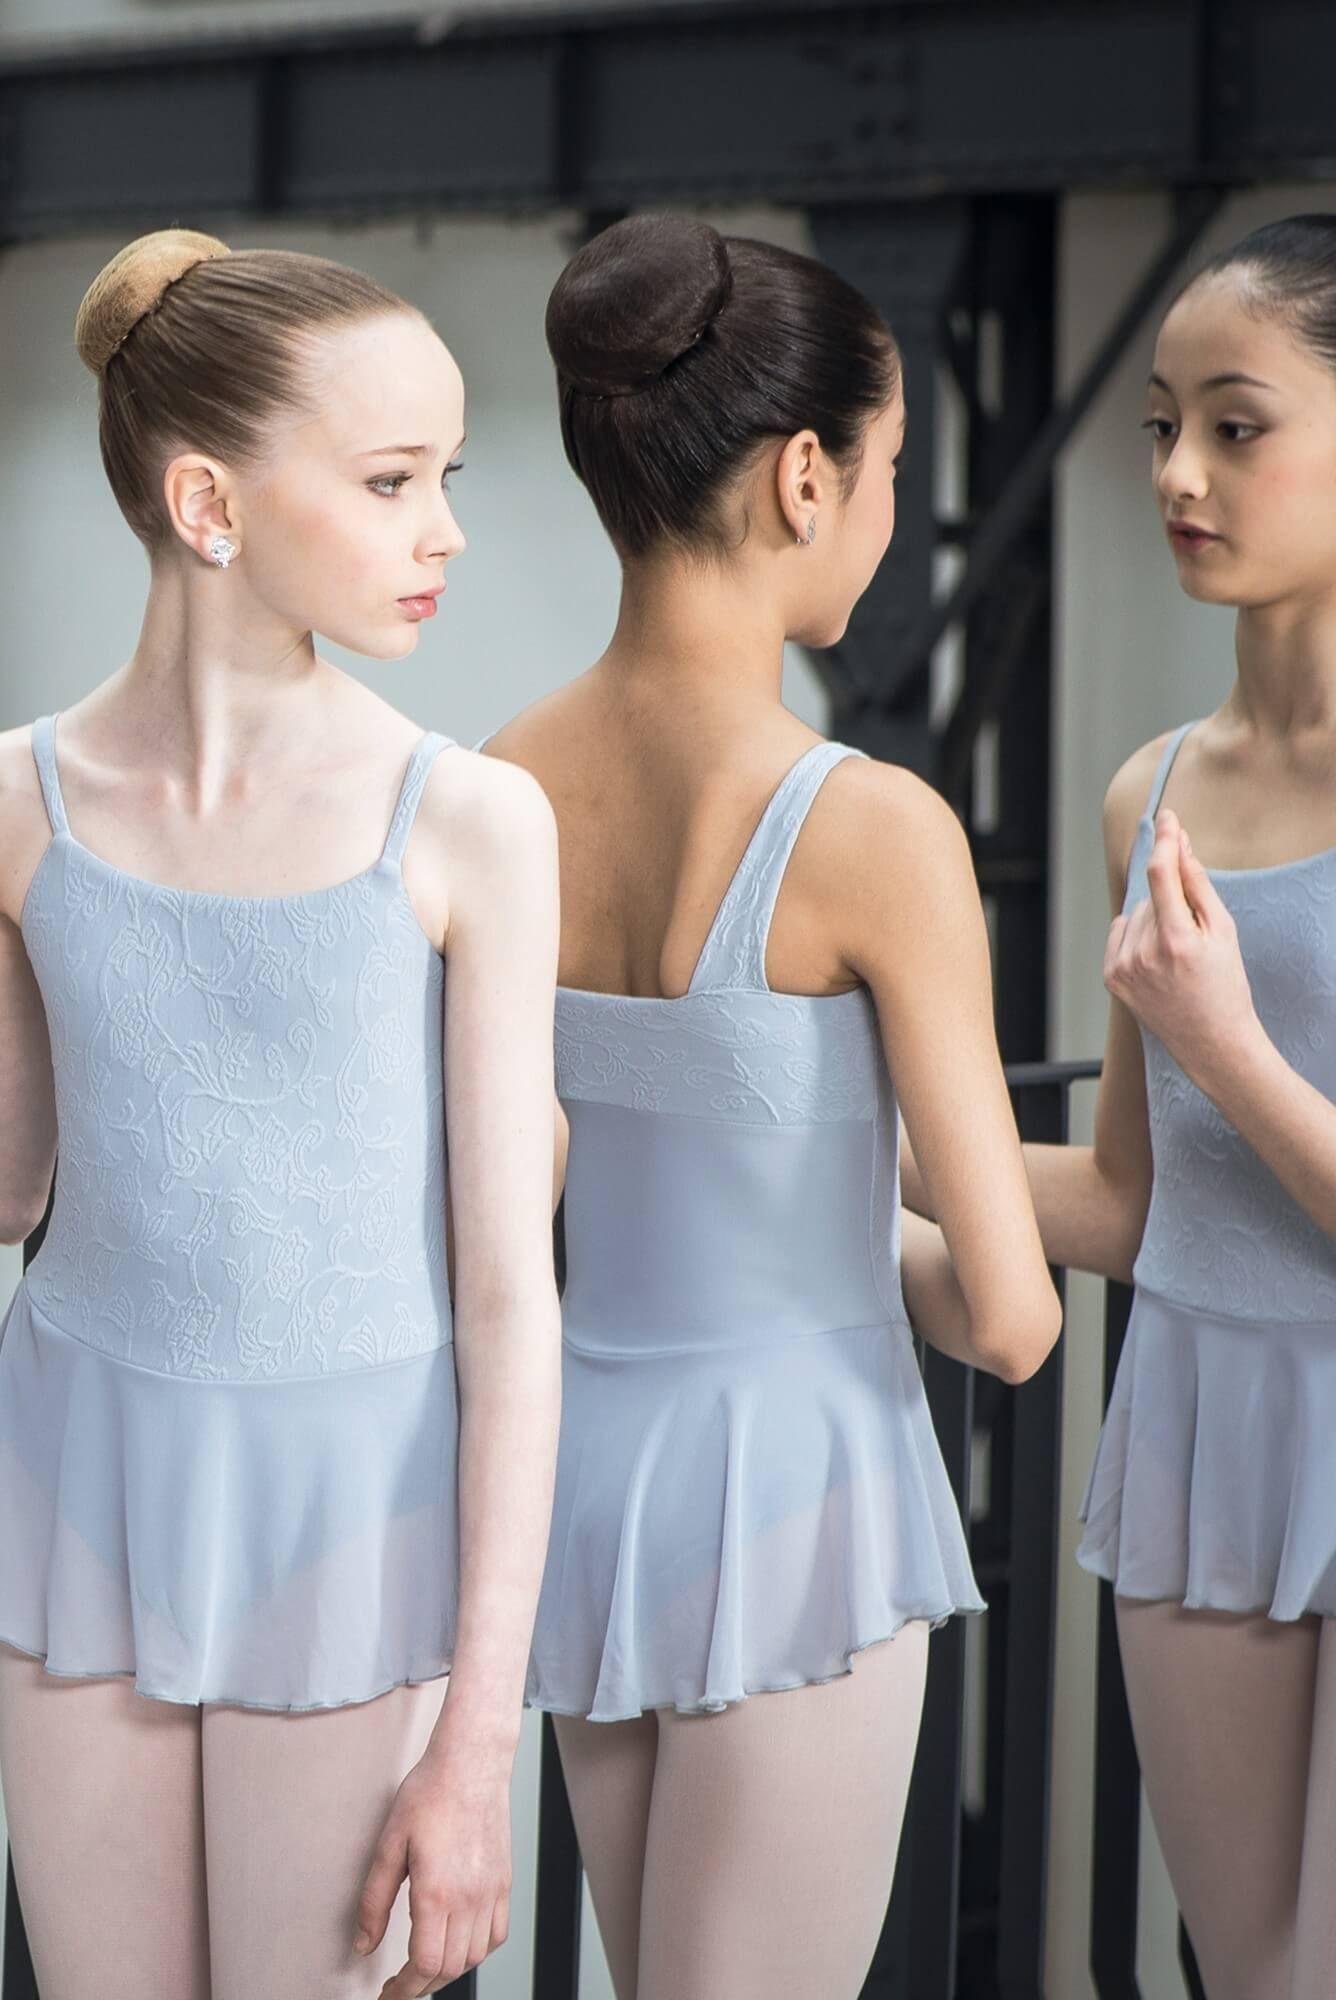 Pin van ʚ hannah ɞ op Dancewear